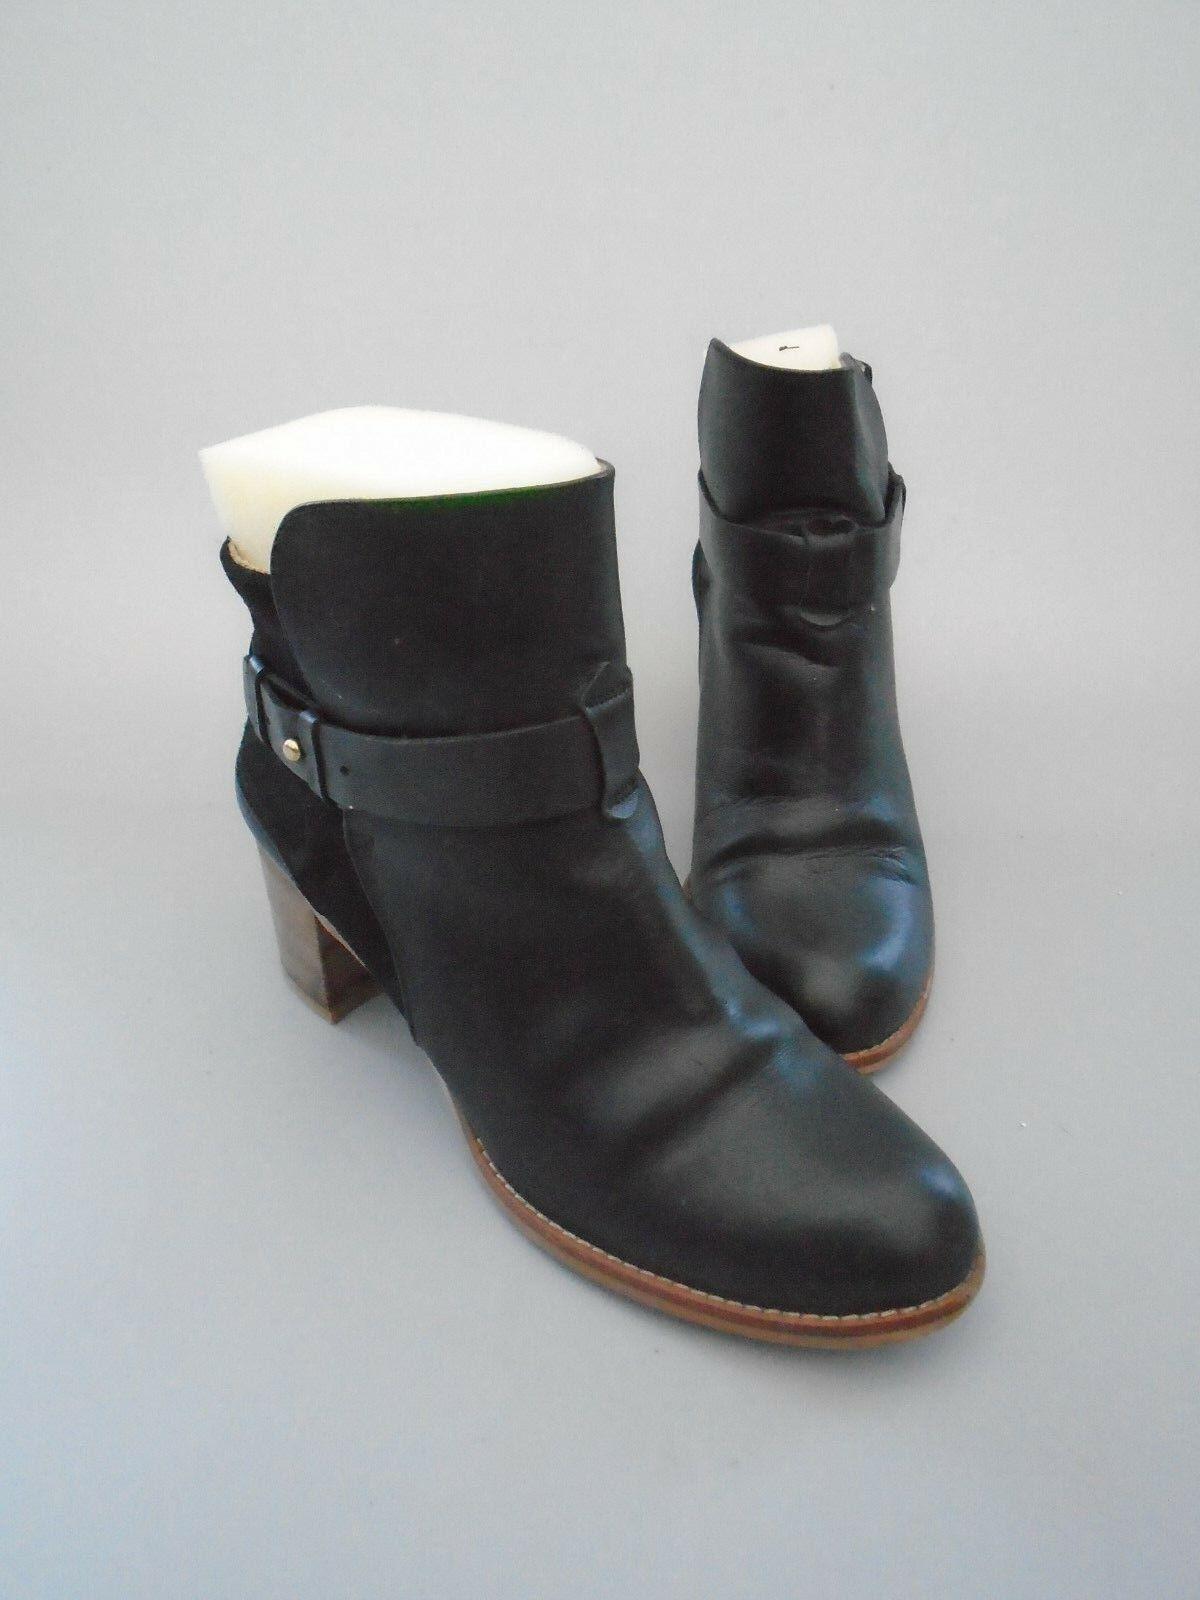 damen damen damen Größe 4 HOBBS OTTO schwarz LEATHER & SUEDE ANKLE Stiefel 117509